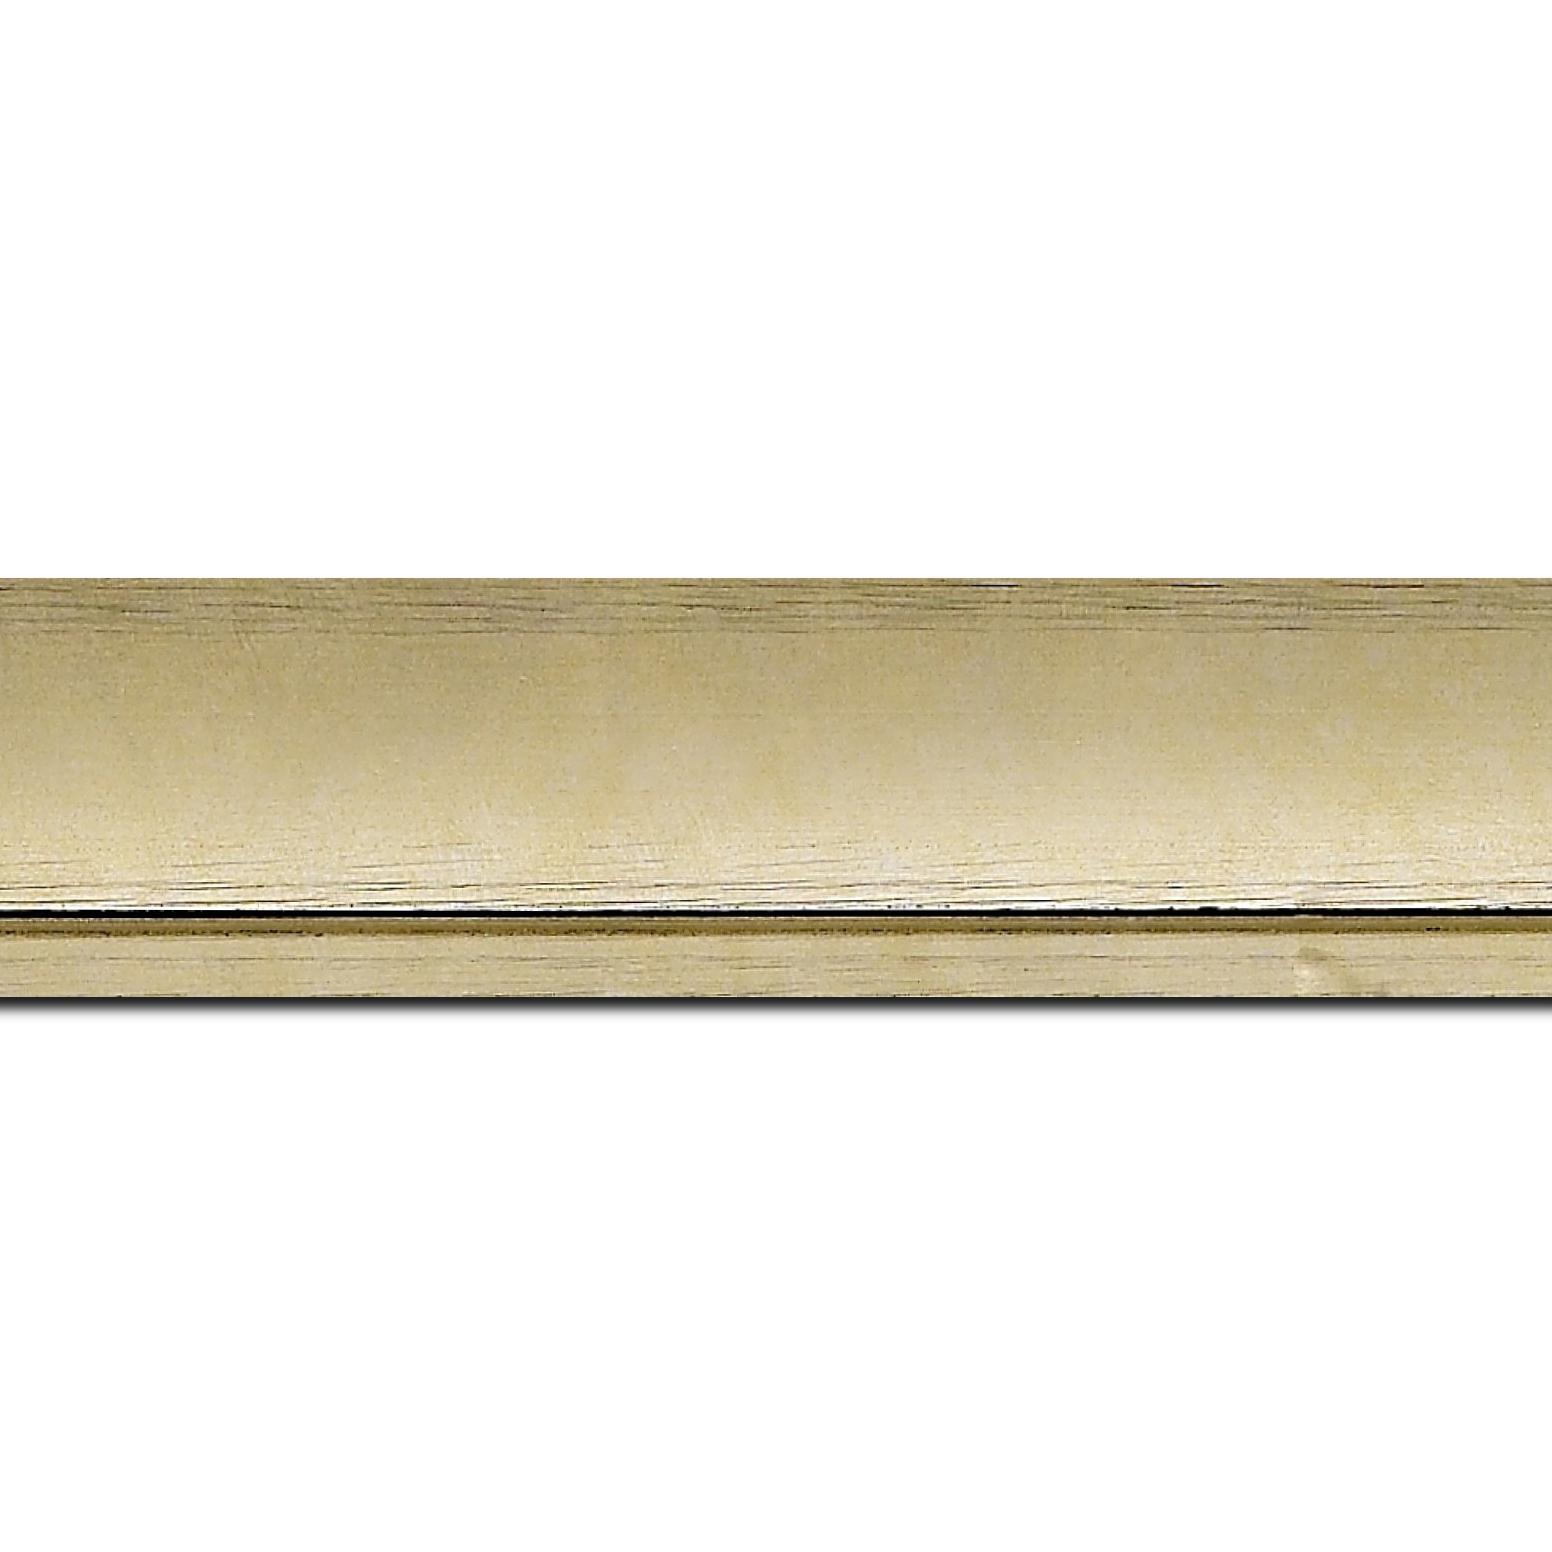 Baguette longueur 1.40m bois profil incurvé largeur 4.2cm couleur or effet givré